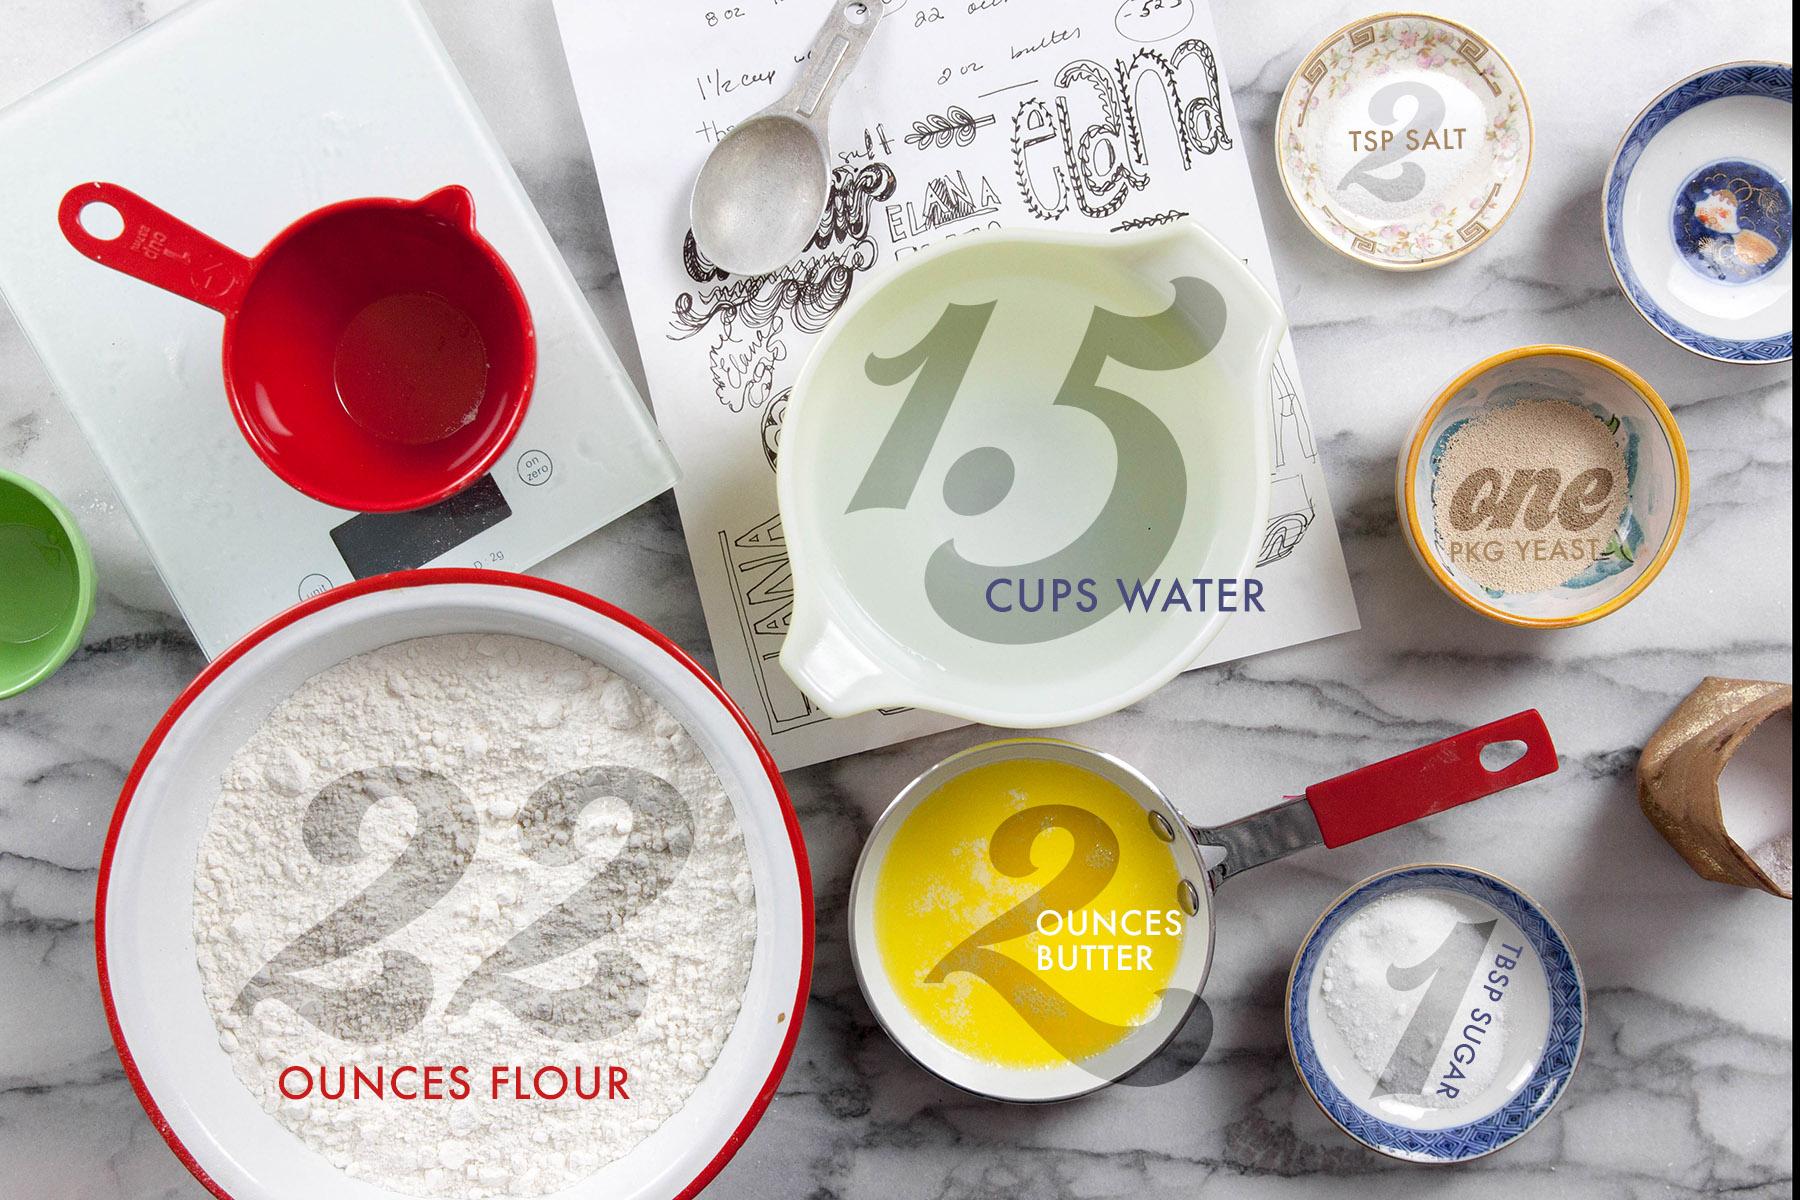 doughingredients.jpg